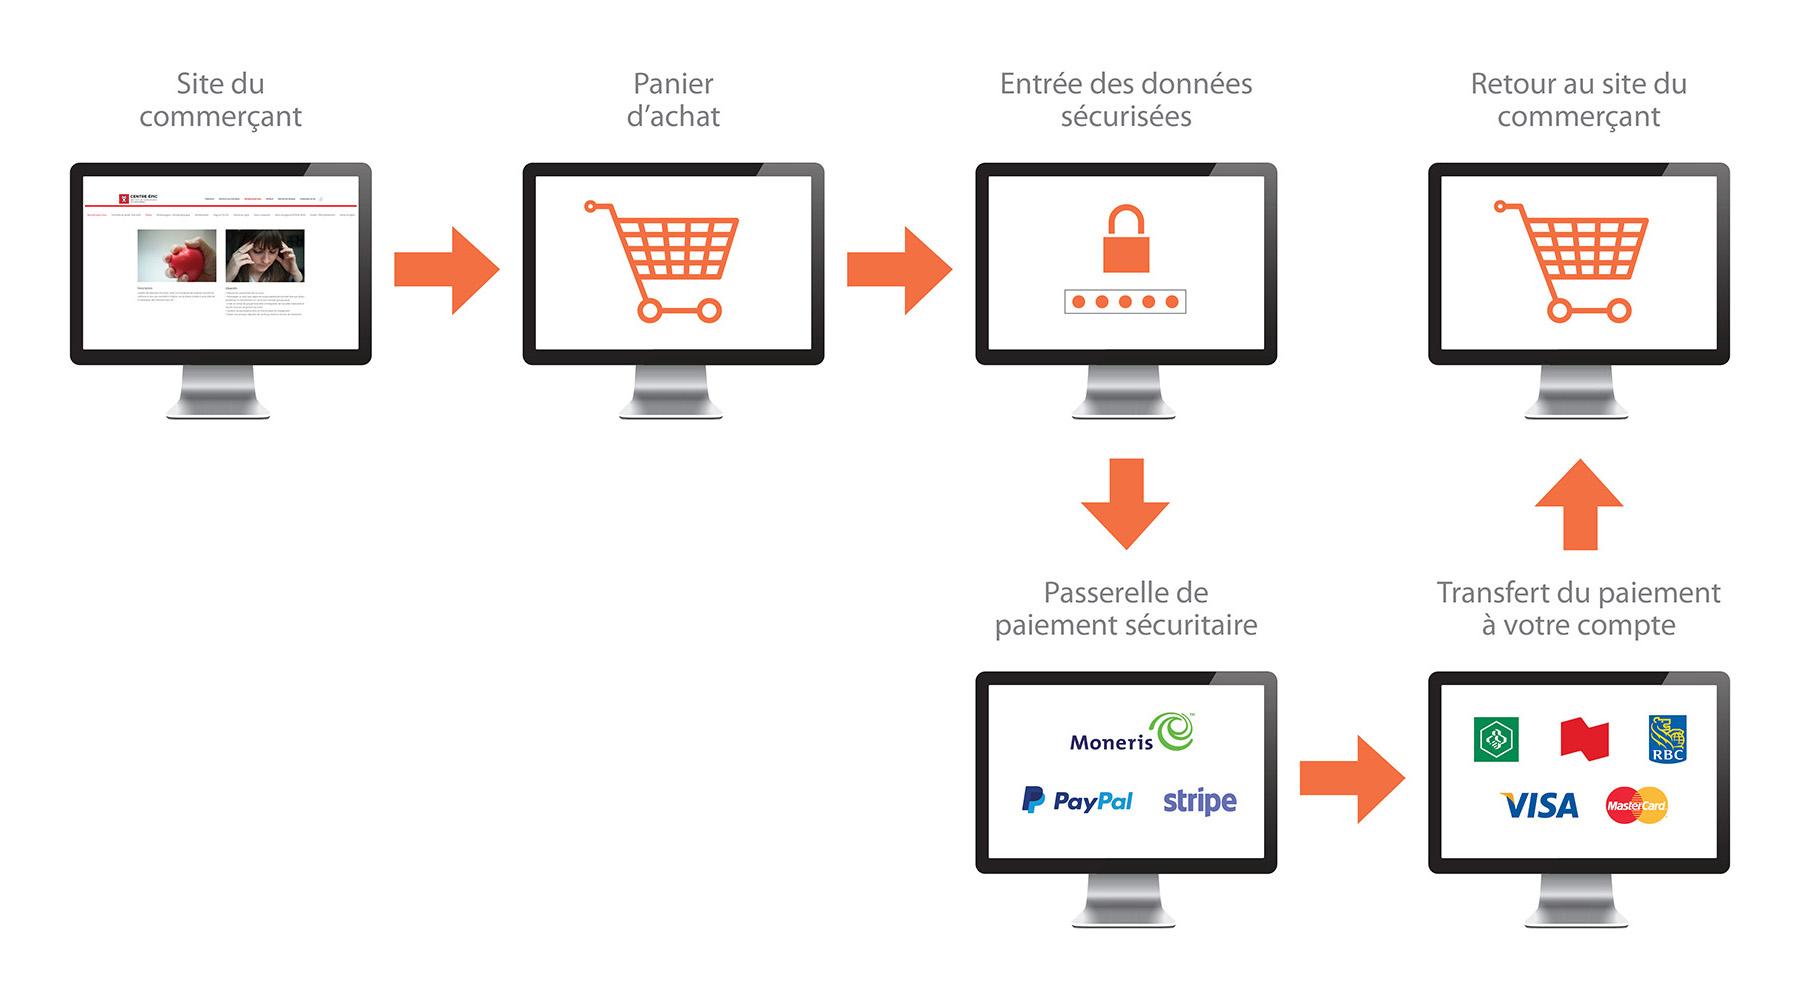 Vendre en ligne c est facile poire id e - Vente brocante en ligne ...